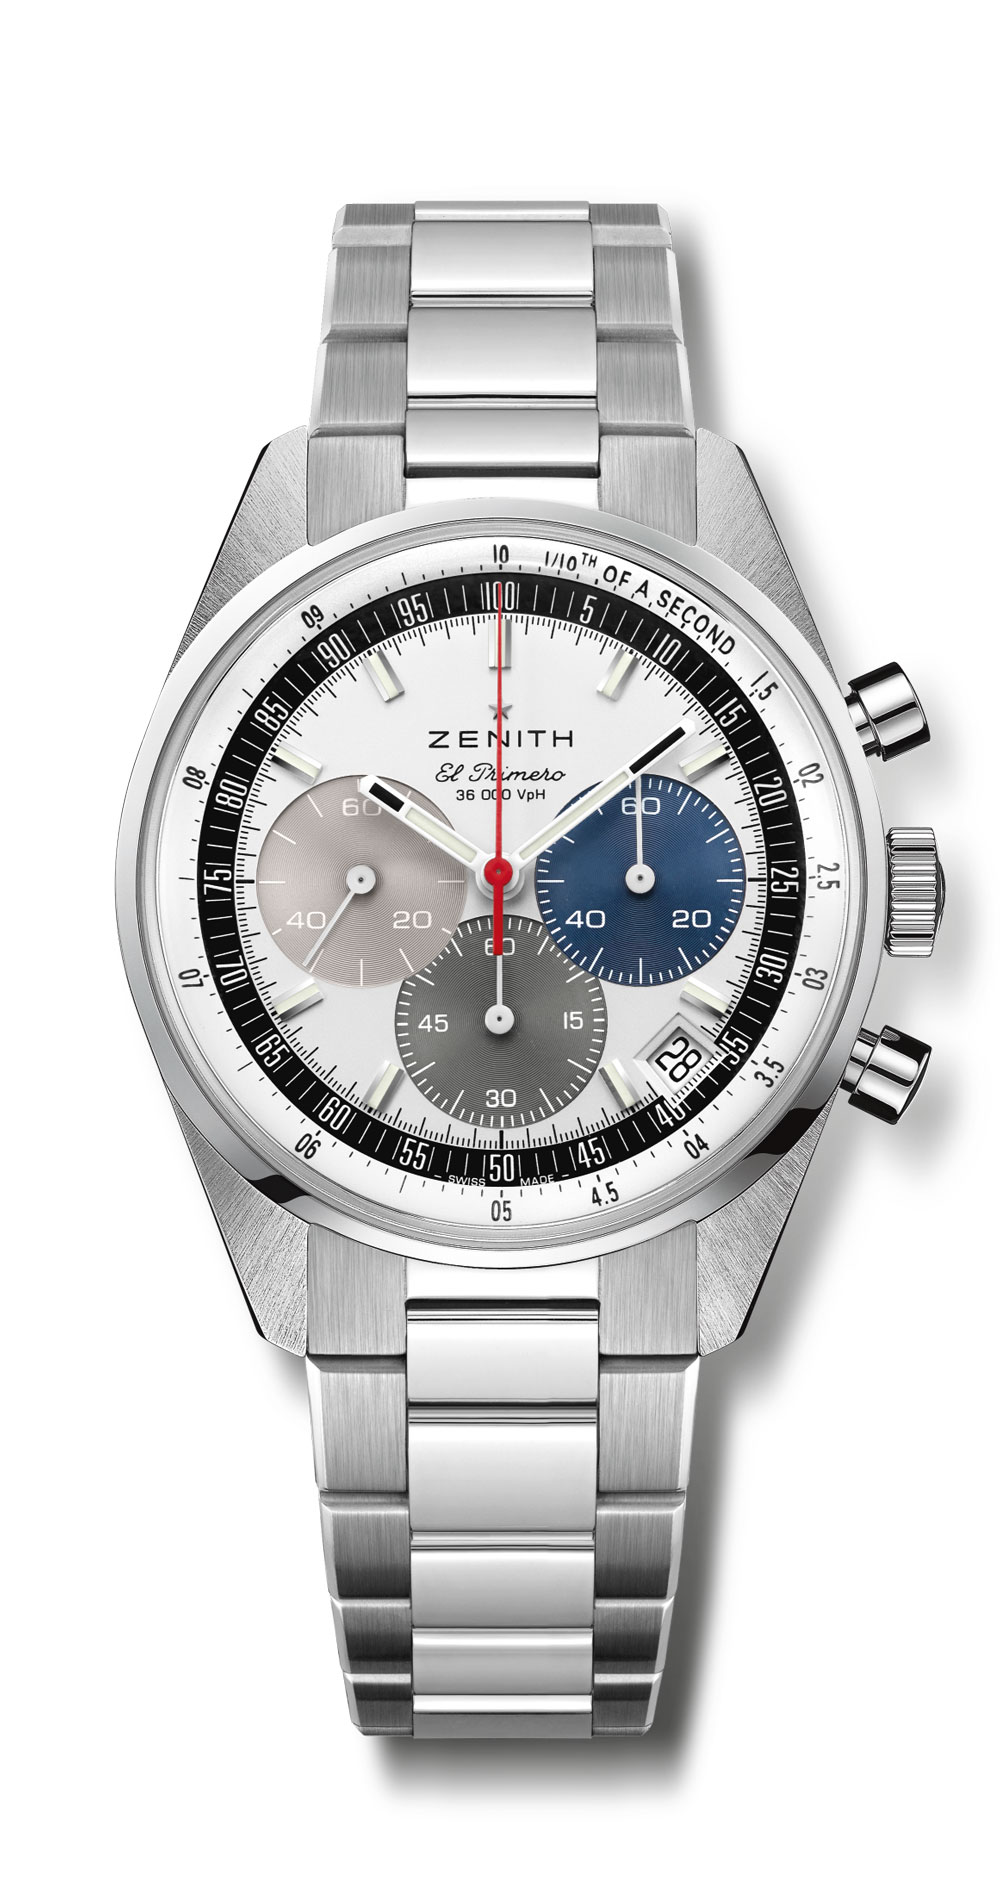 Zenith Chronomaster Original 38mm Watch